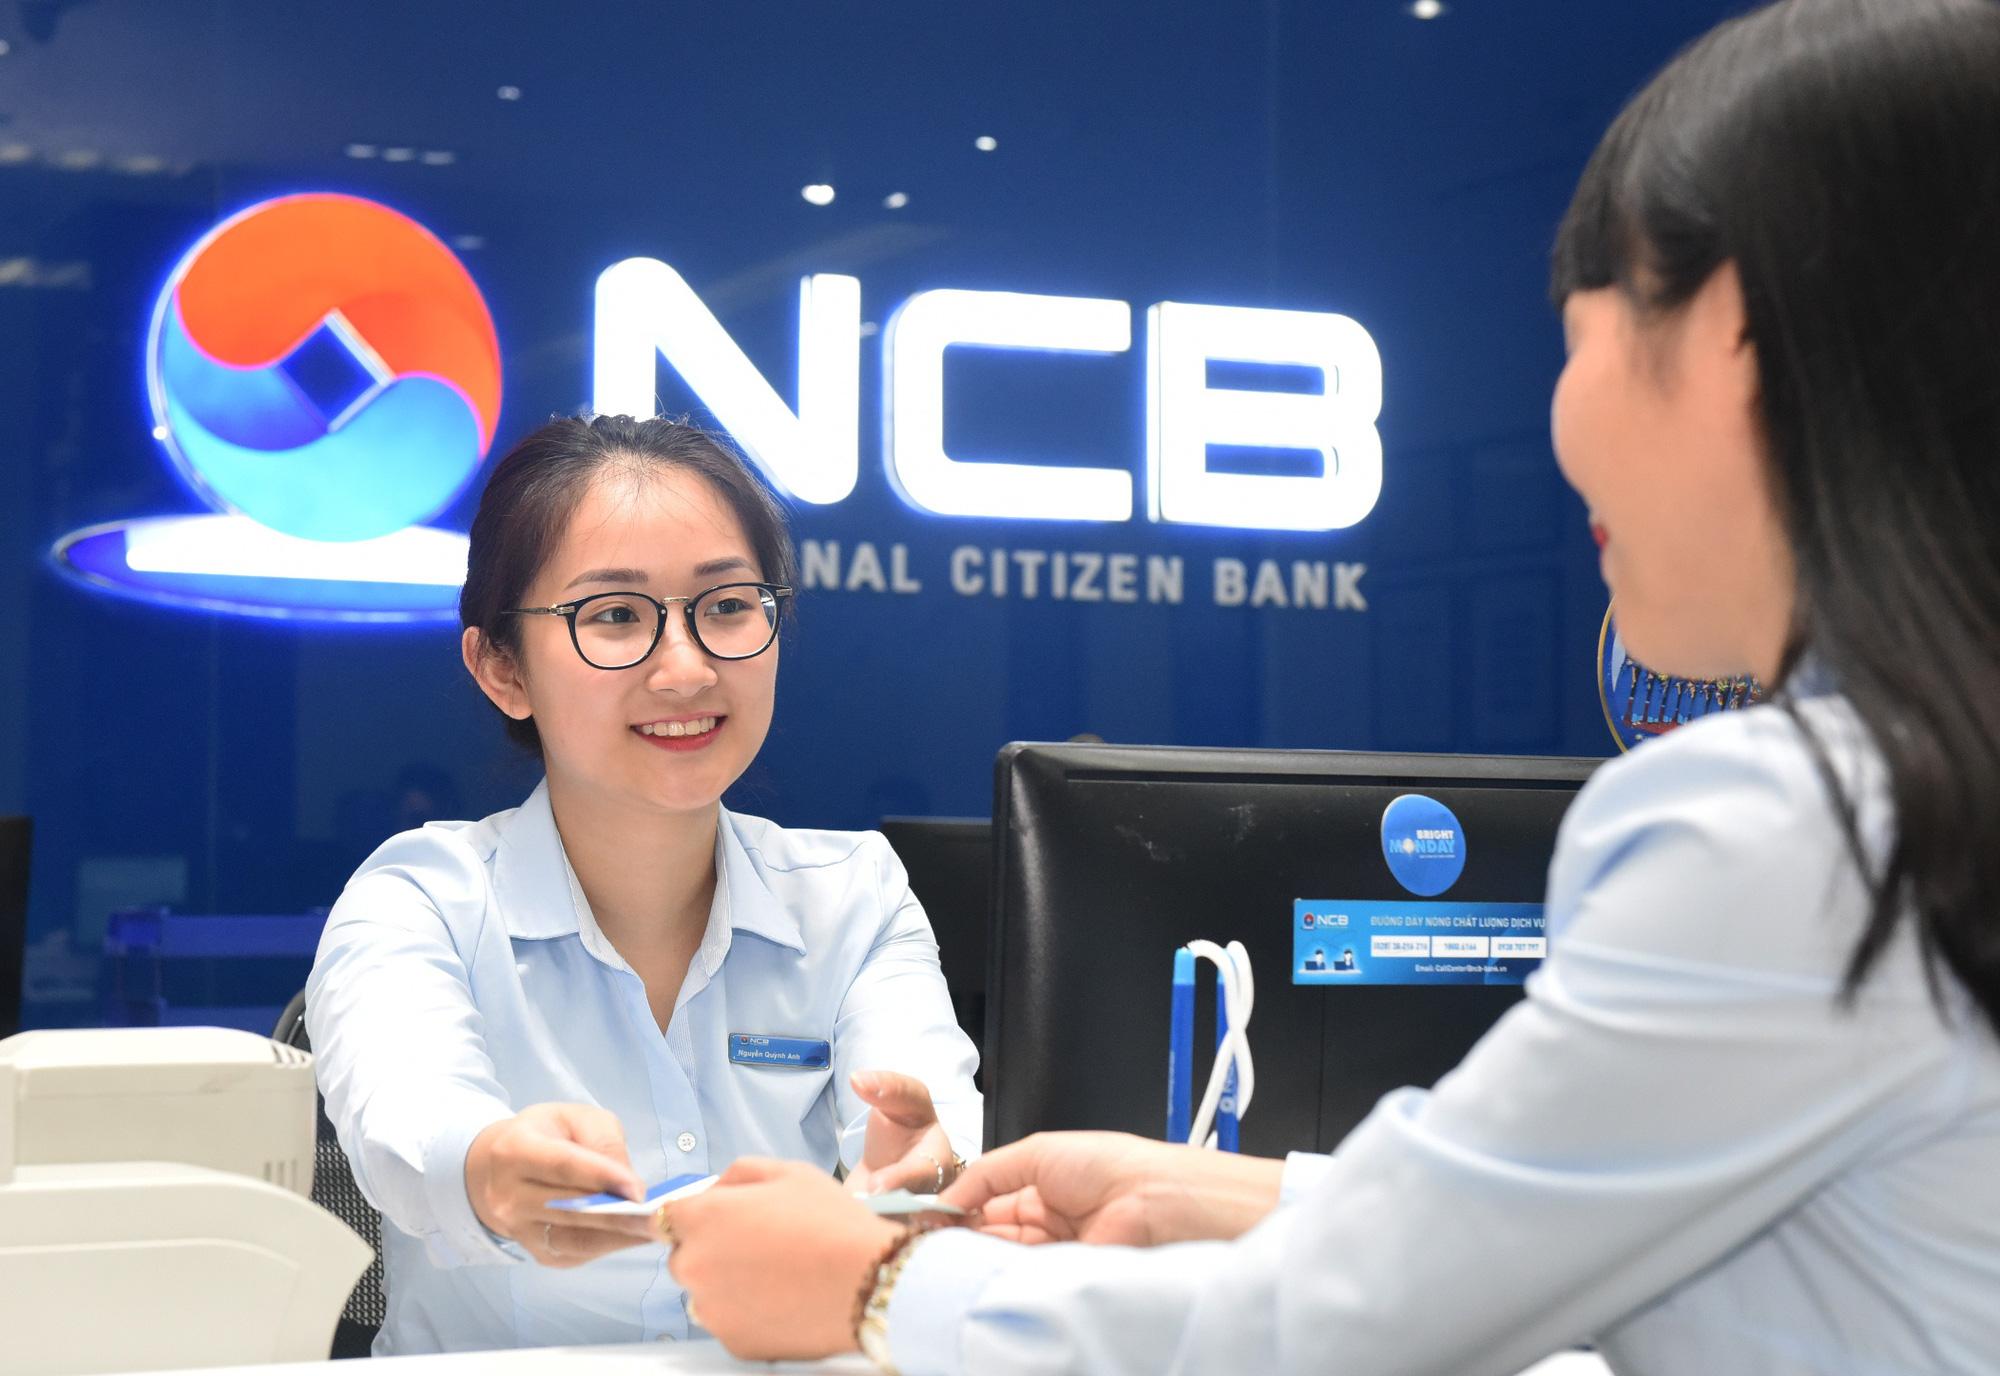 Lợi nhuận 1,2 tỷ và cổ phiếu cuối bảng, NCB muốn điều chỉnh phương án tăng vốn - Ảnh 3.